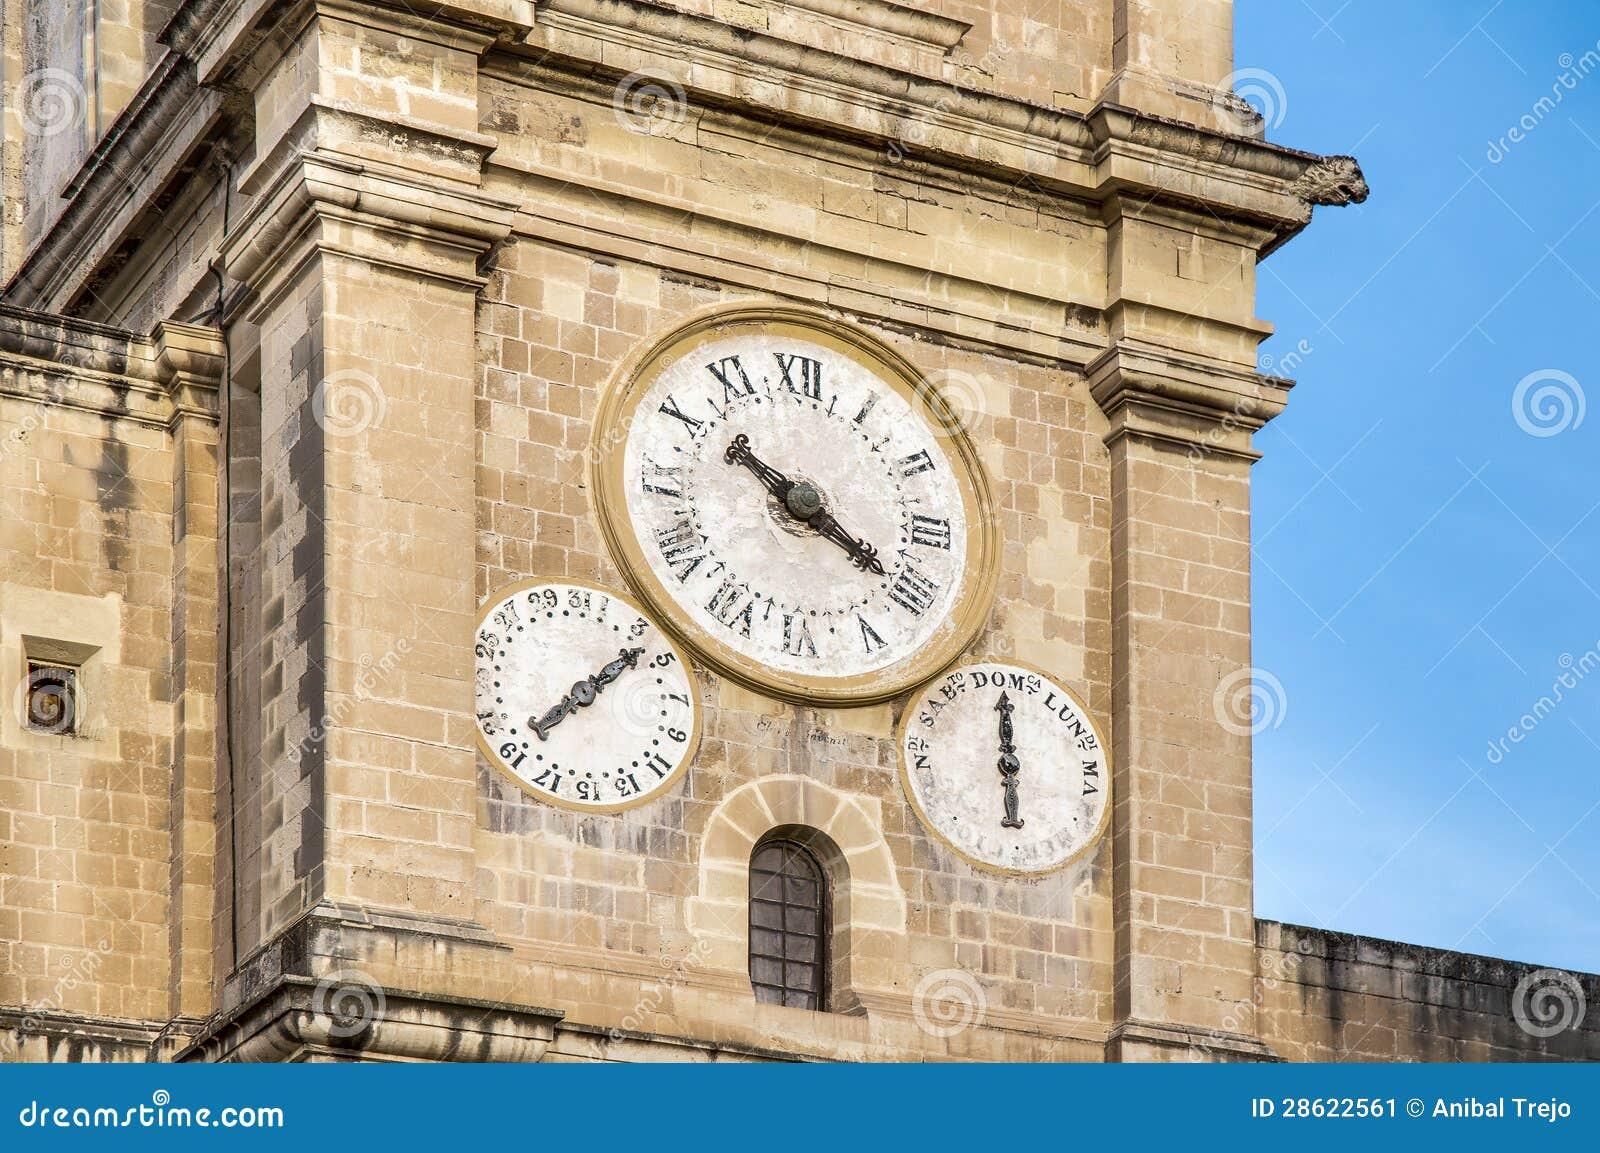 La Co-Cathédrale de St John à La Valette, Malte